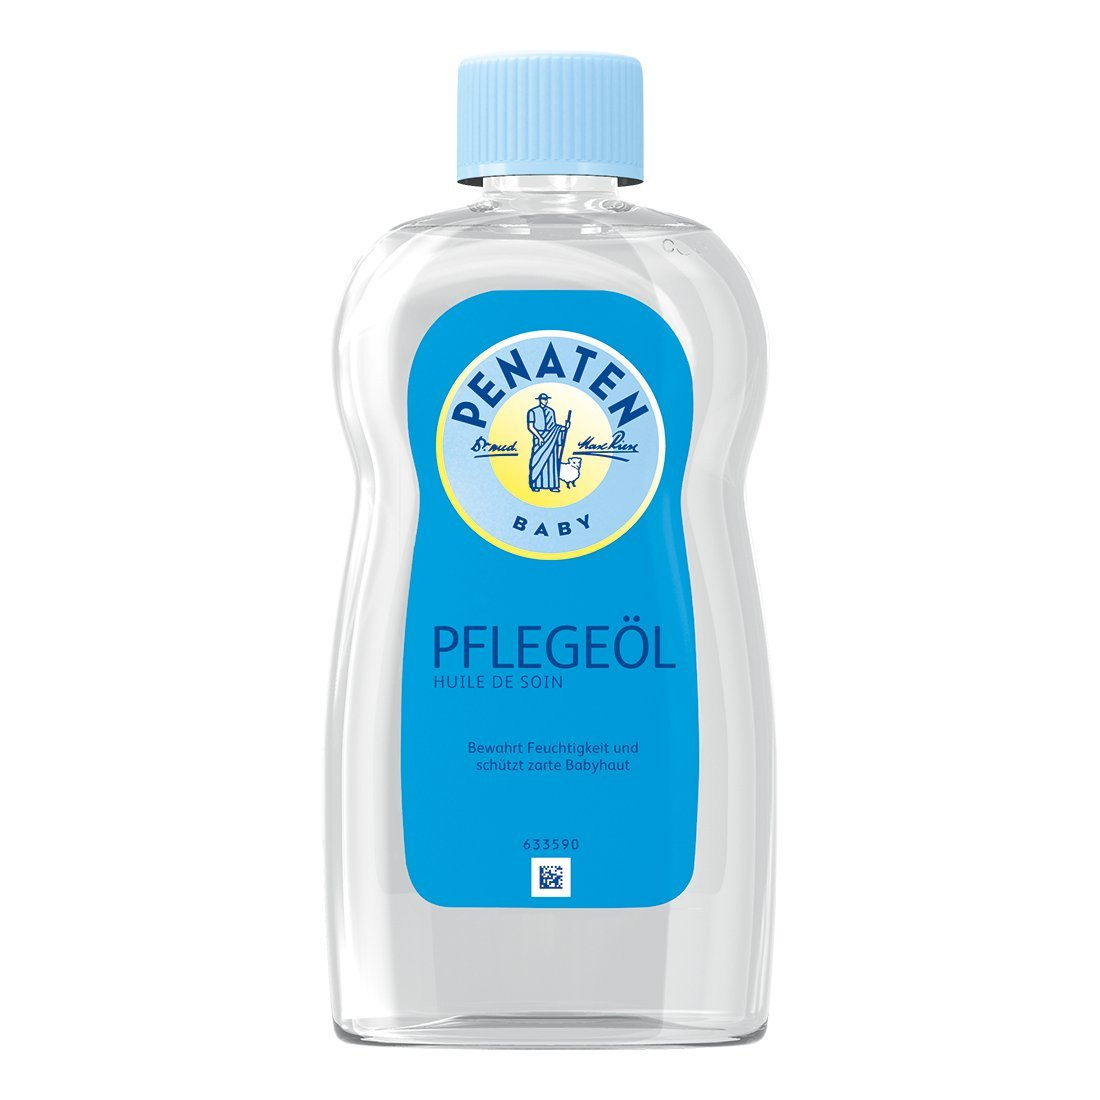 Penaten Pflege-Öl 500ml – Pflegendes Körperöl zur sanften Pflege und Reinigung von empfindlicher Babyhaut – Bewahrt Feuchtigkeit (1 x 500ml) 64686